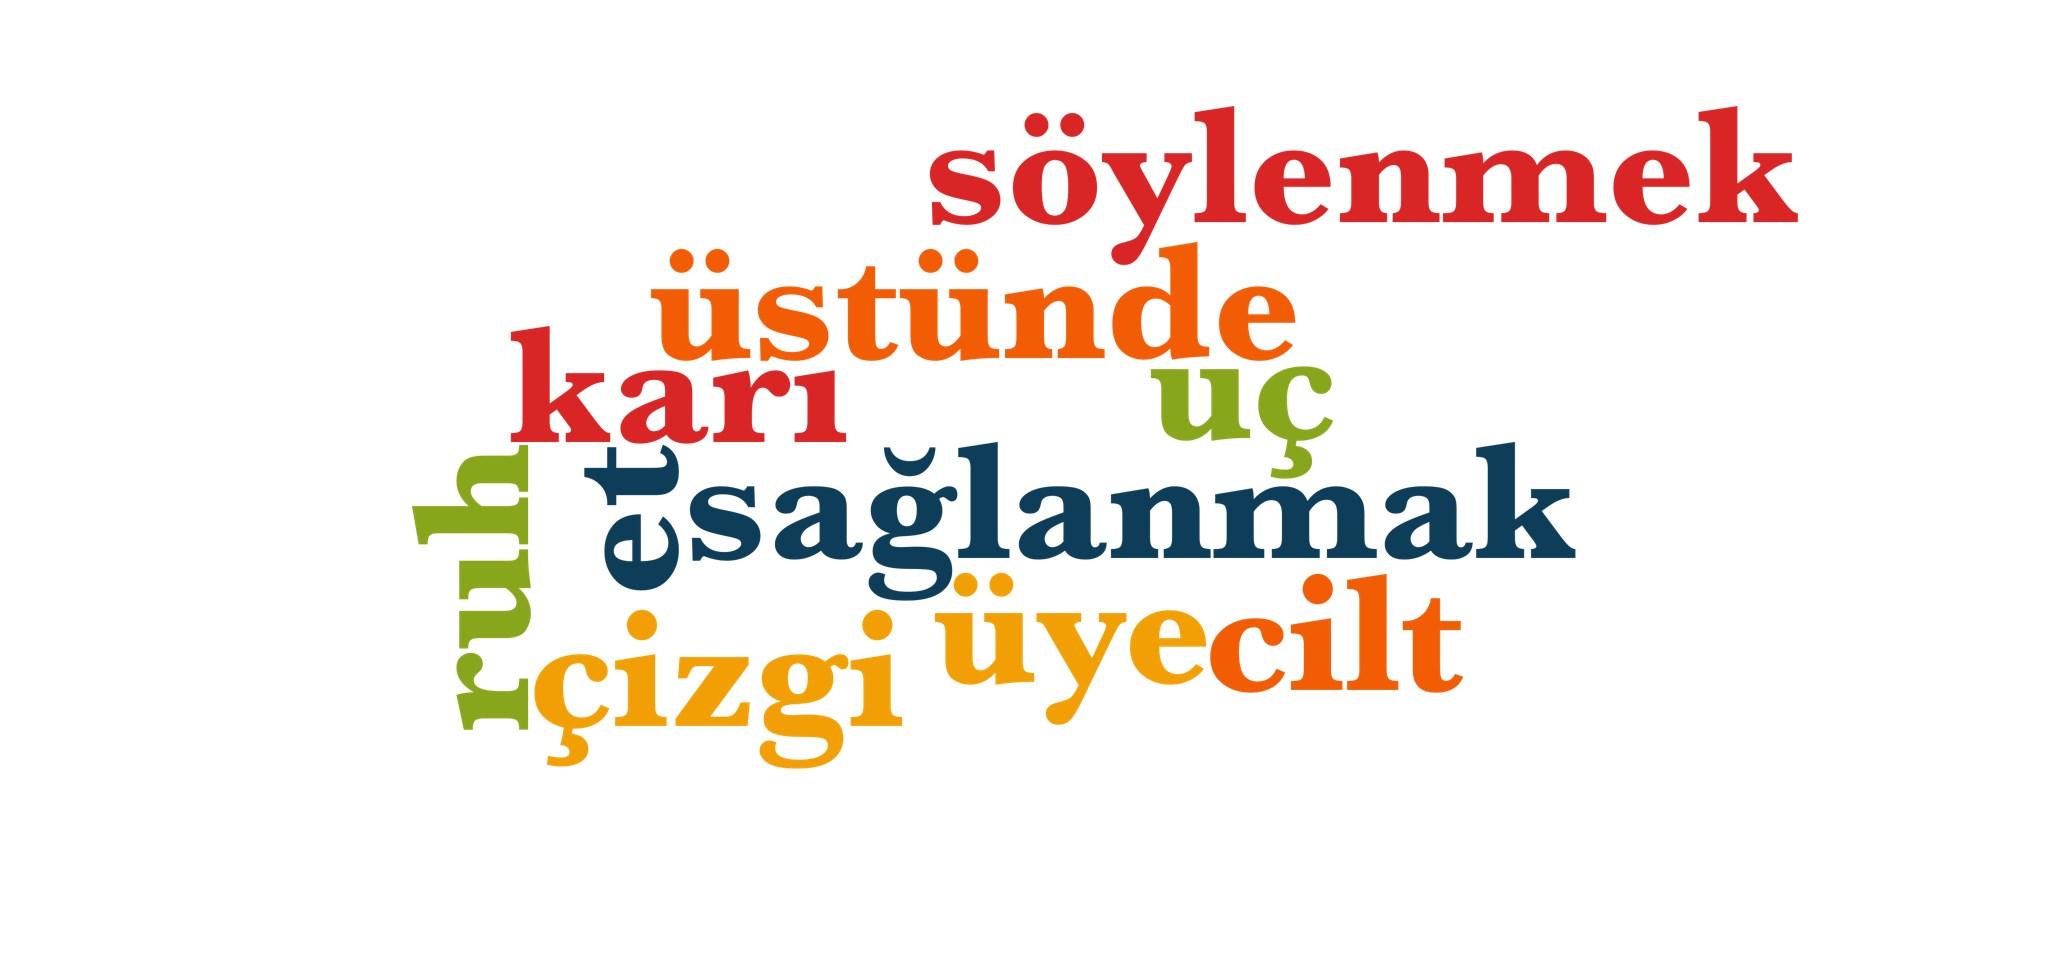 Wörter 621 bis 630 der 1000 häufigsten Wörter der türkischen Sprache